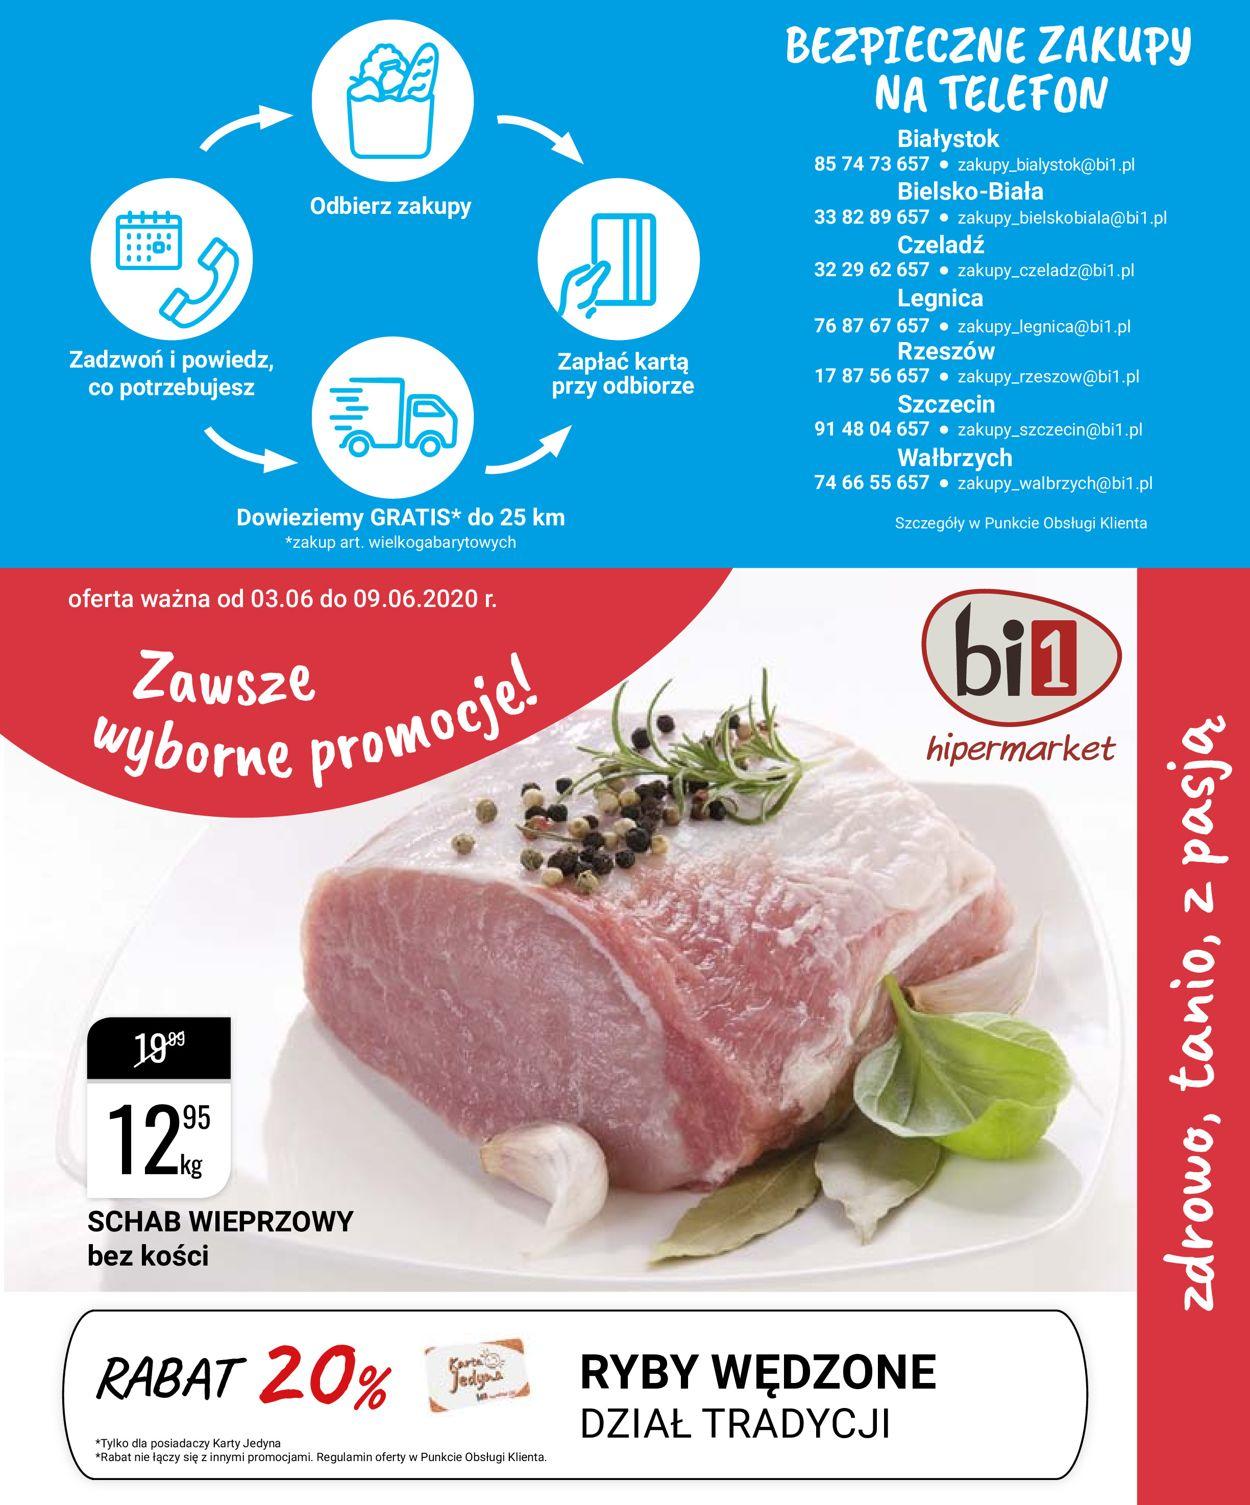 Gazetka promocyjna bi1 - 03.06-09.06.2020